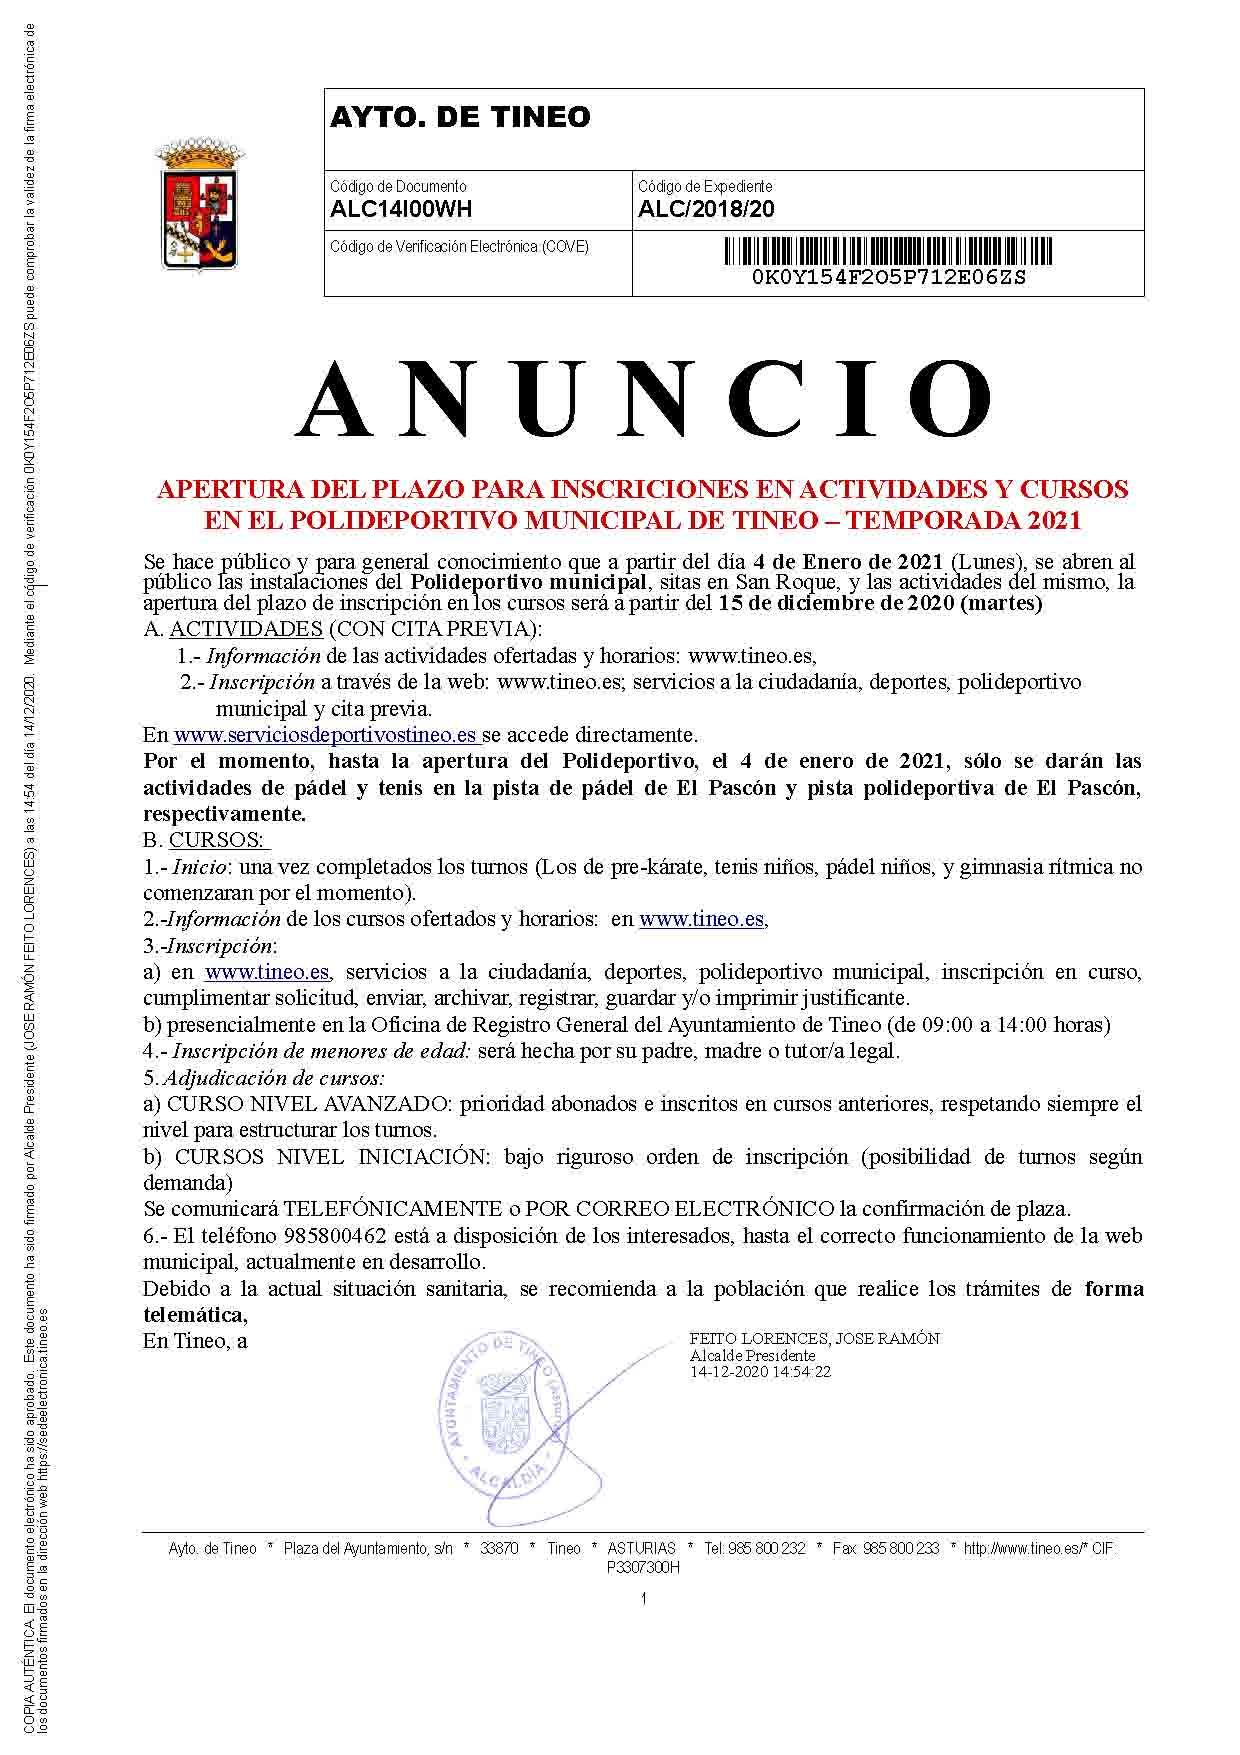 Apertura del plazo de inscripciones para actividades y cursos en el Polideportivo municipal de Tineo.